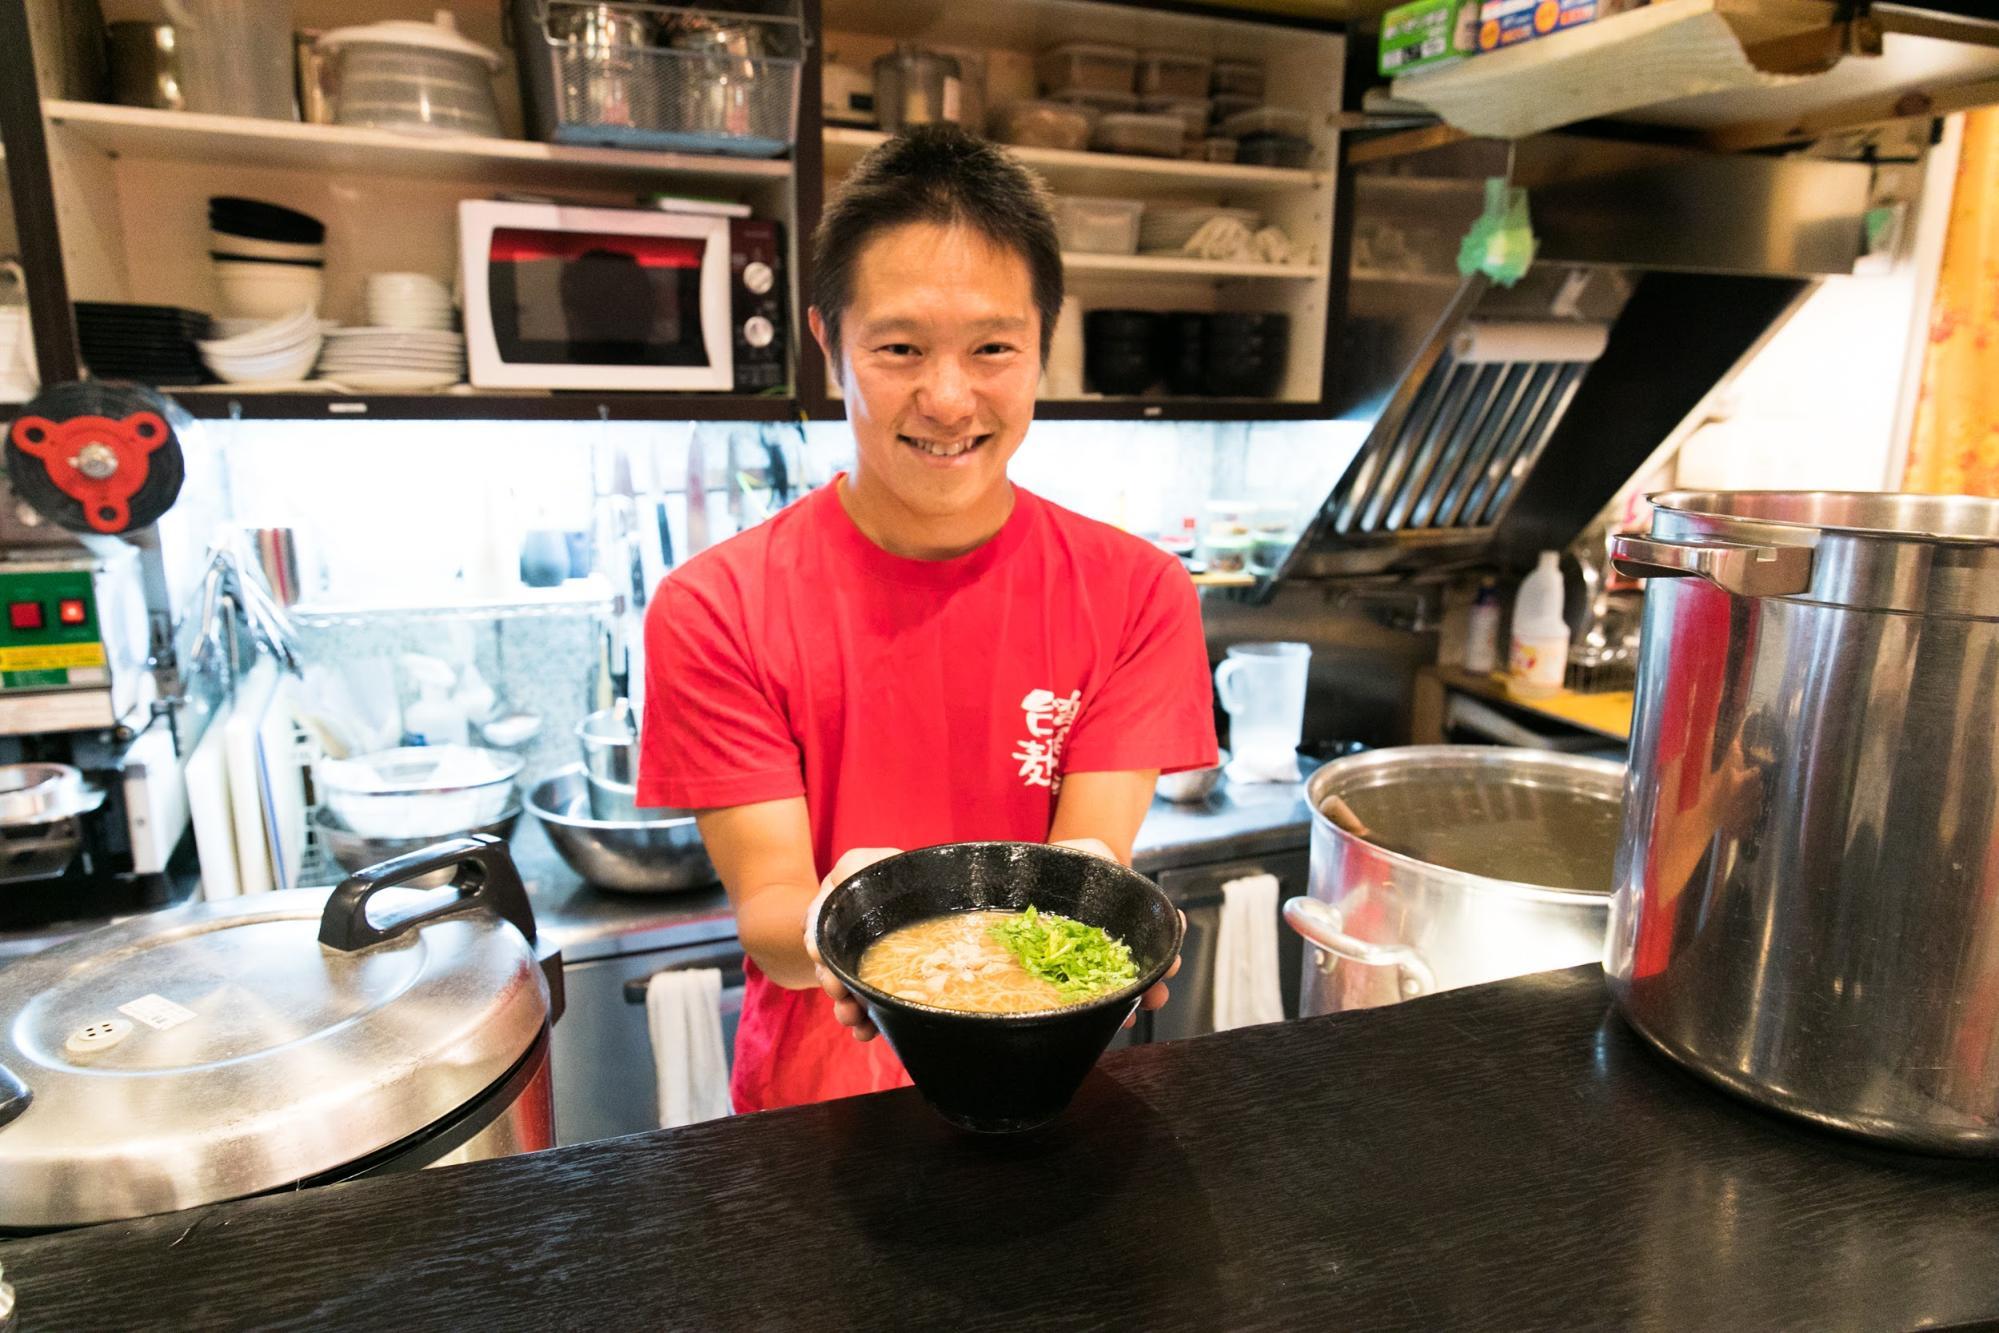 ダブルワークで飲食店経営!「台湾麺線」が経理業務を月2時間に短縮させた仕組みとは